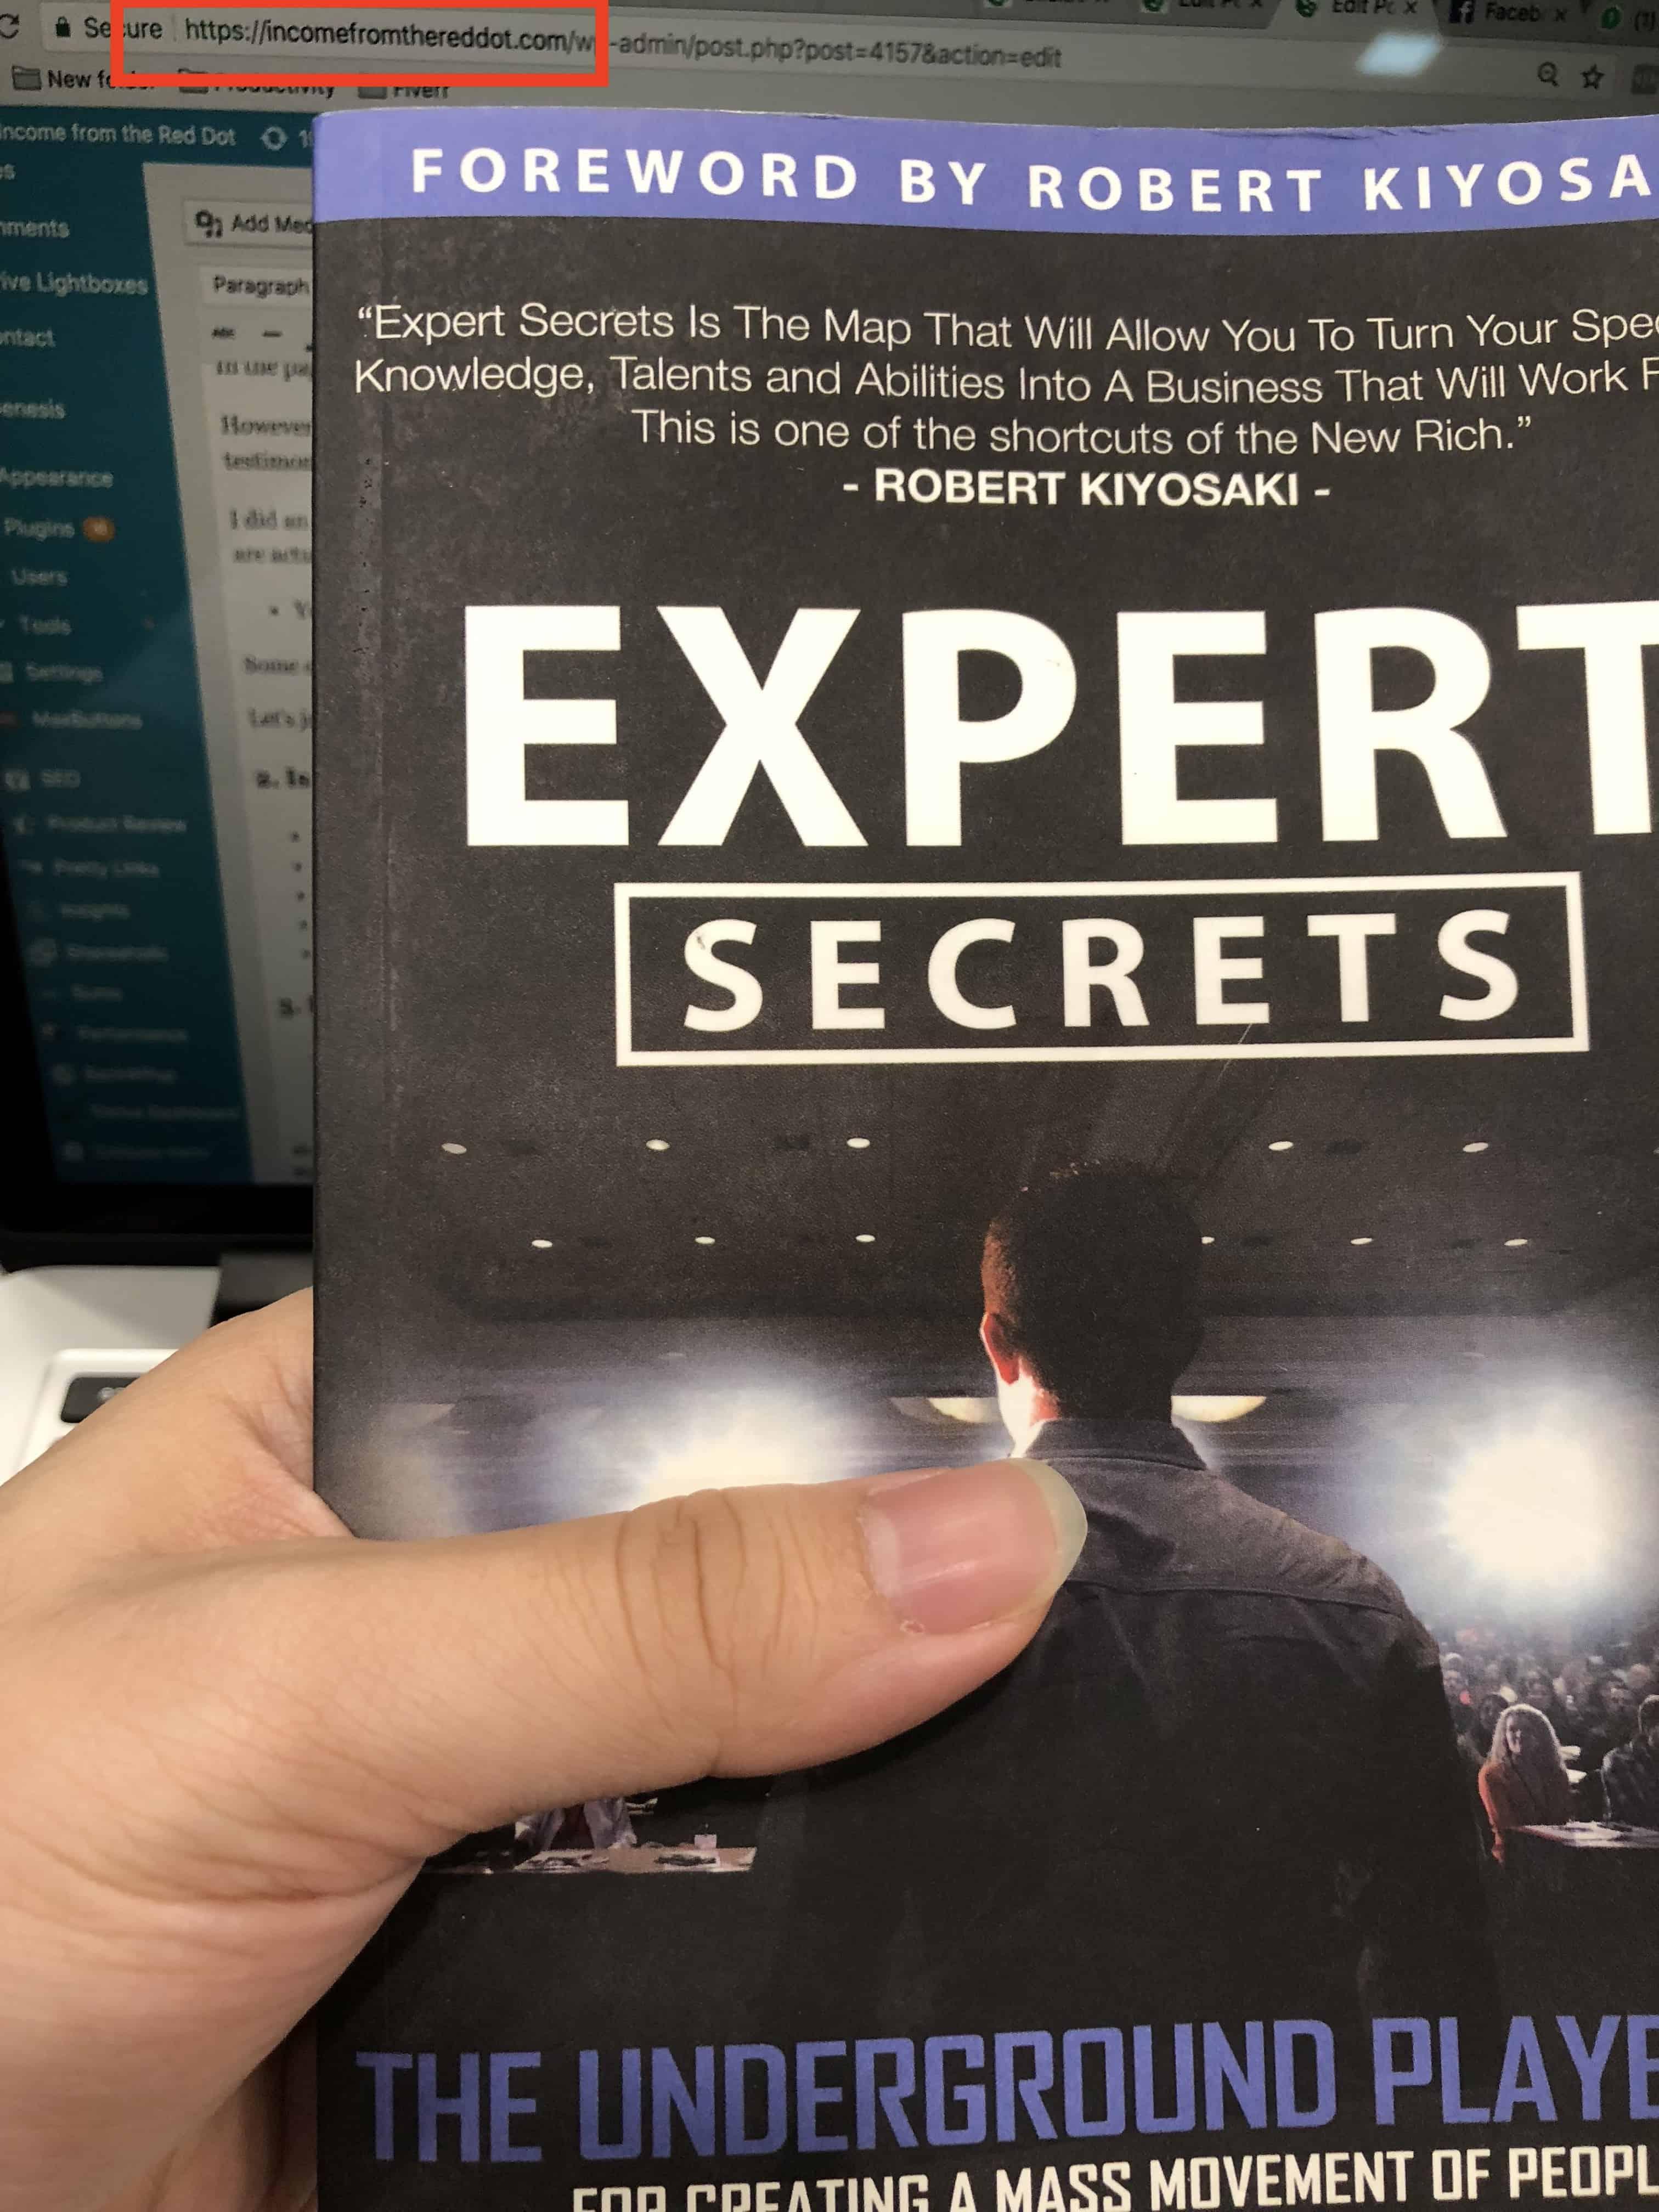 Expert Secrets Holding Book